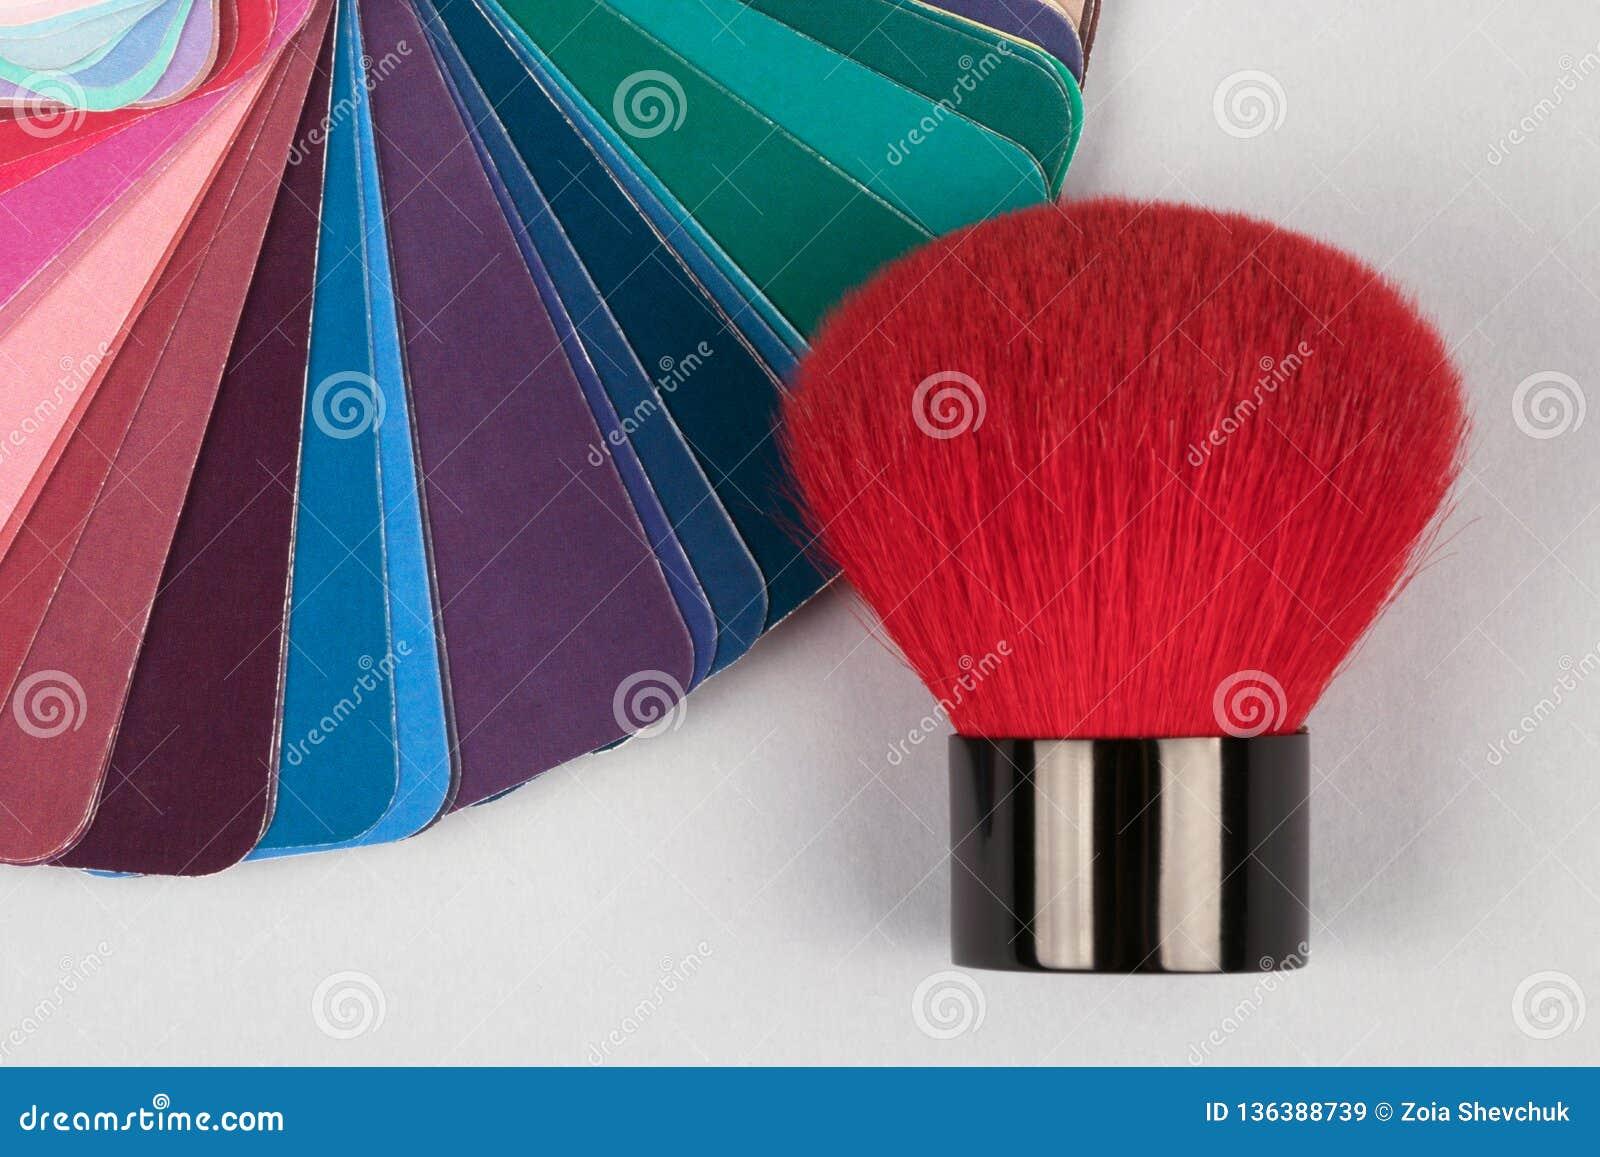 Farbfanplattform mit Proben von verschiedenen Farben mit roter Bürste für Make-up